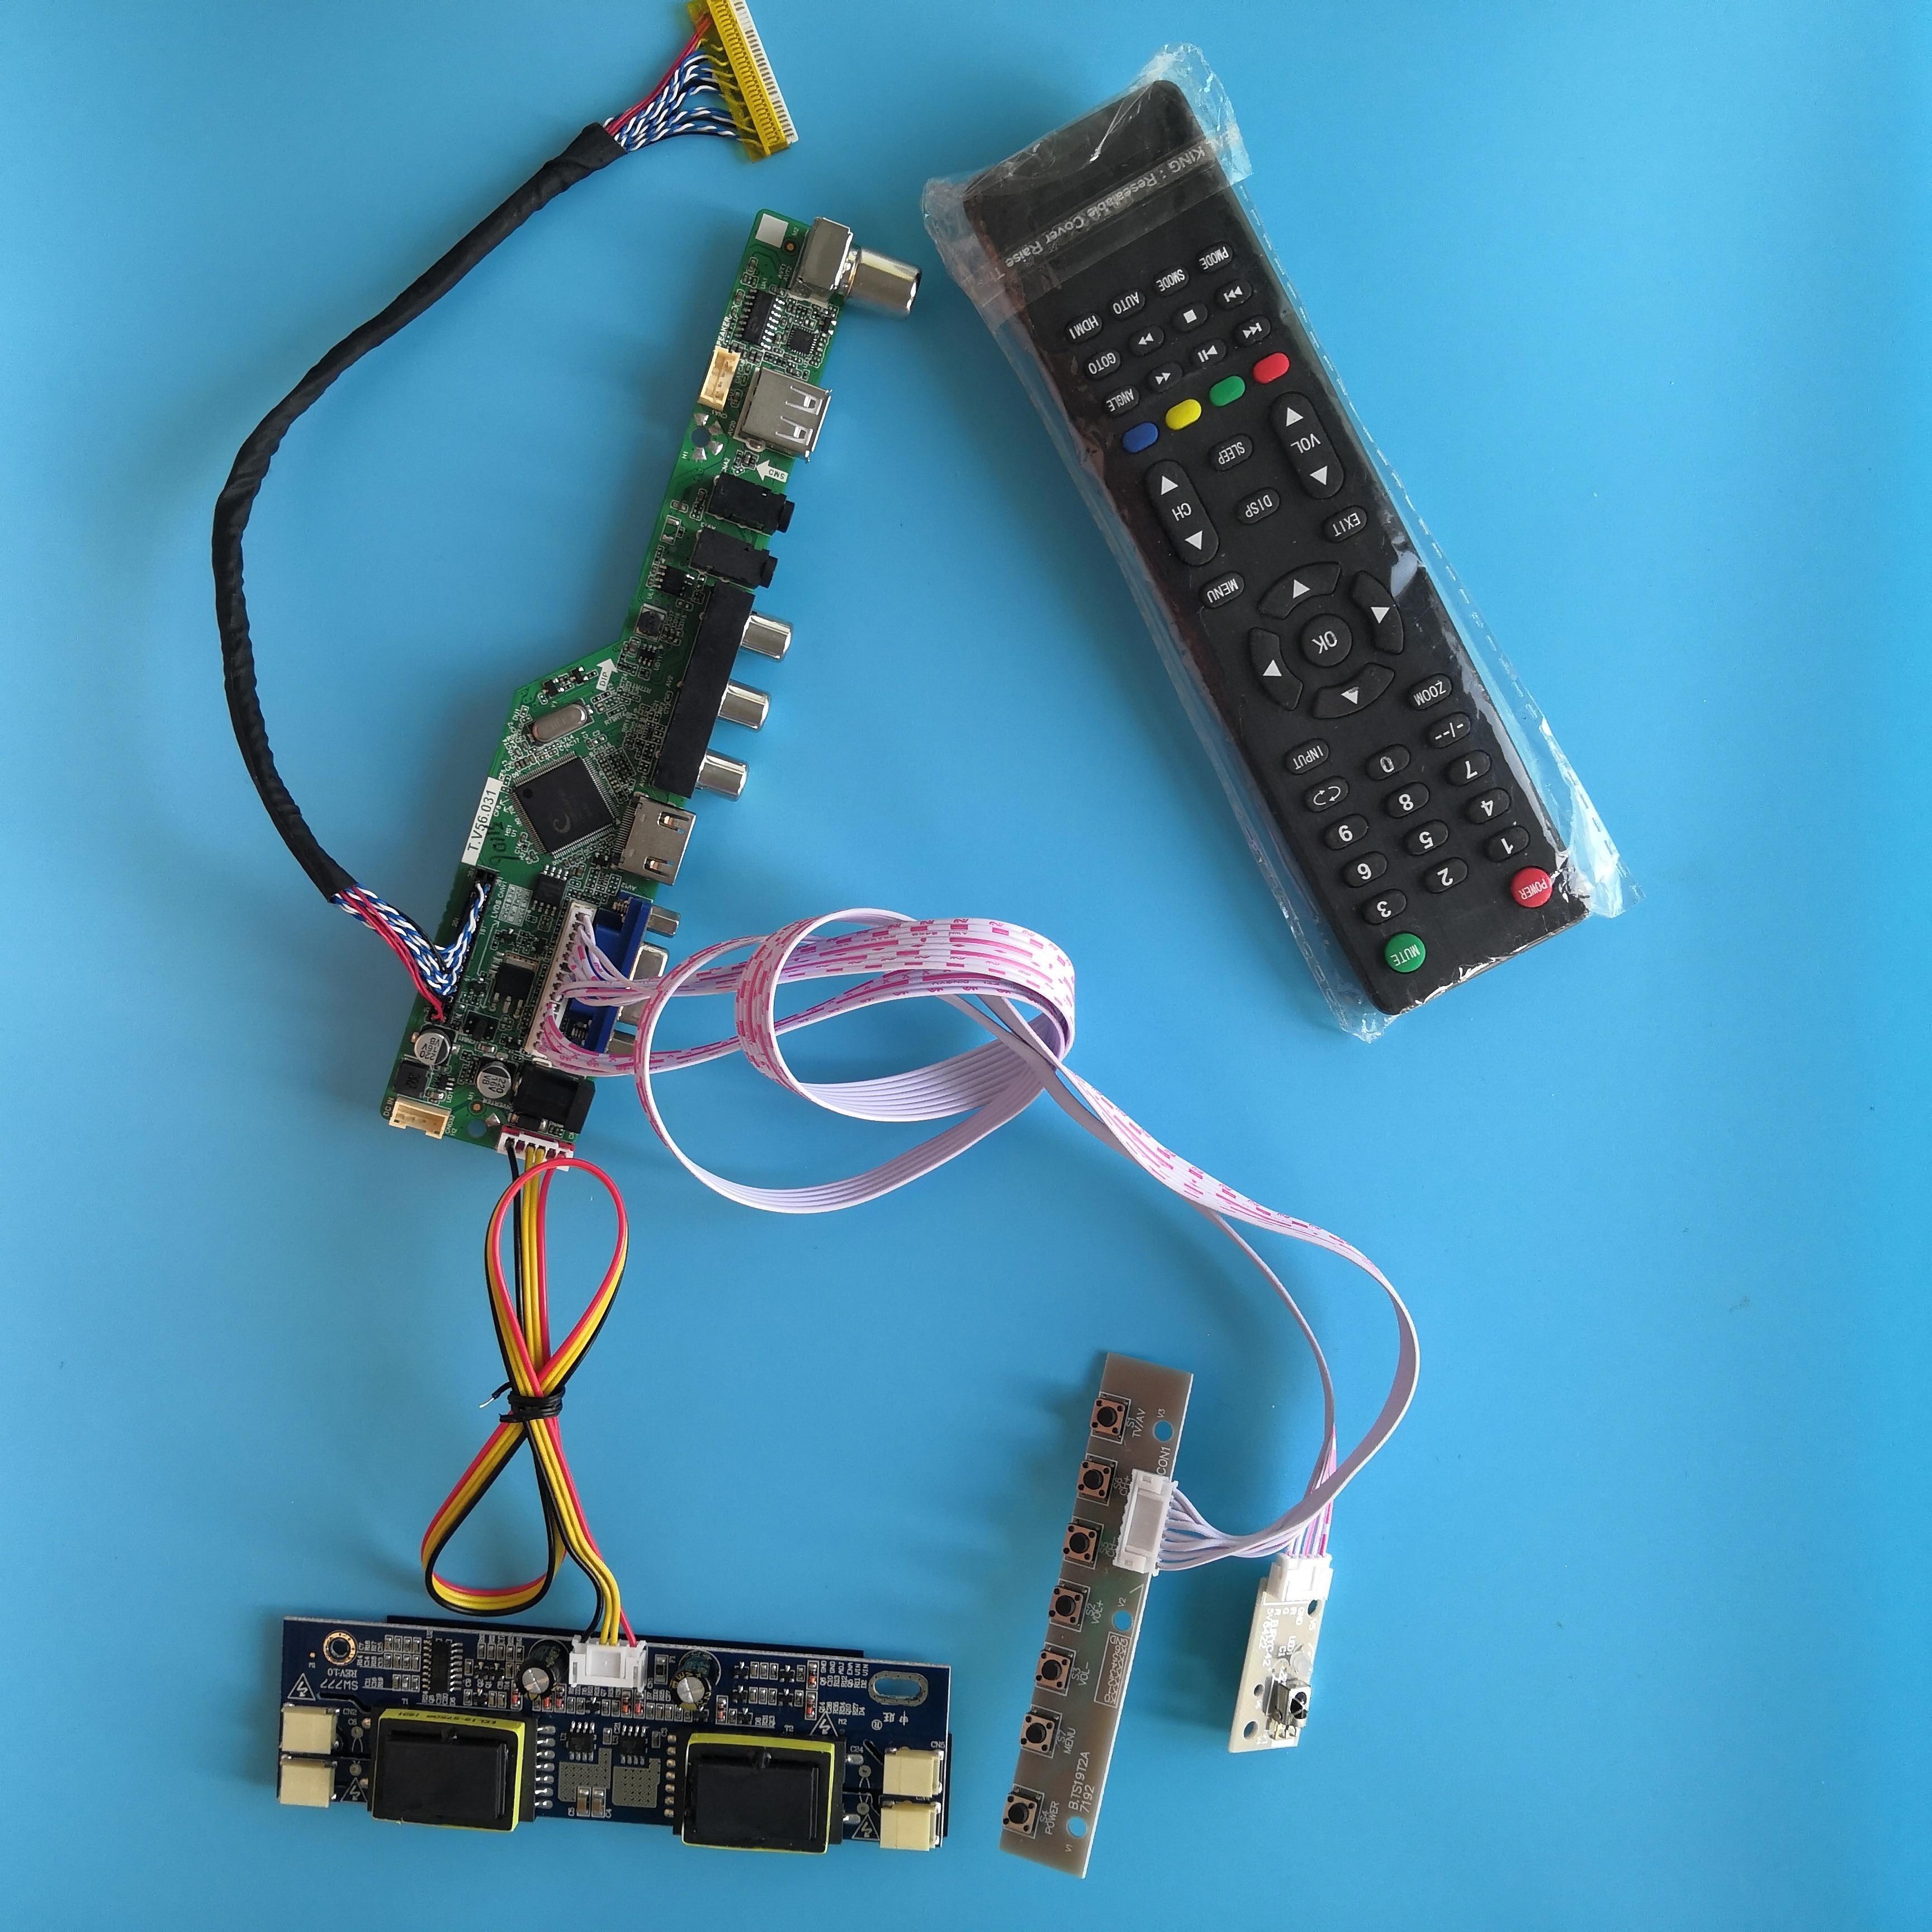 لوحة تحكم بطاقة تلفاز AV رقمية للإشارة USB لدقة M220EW01 V0 1680X1050 22